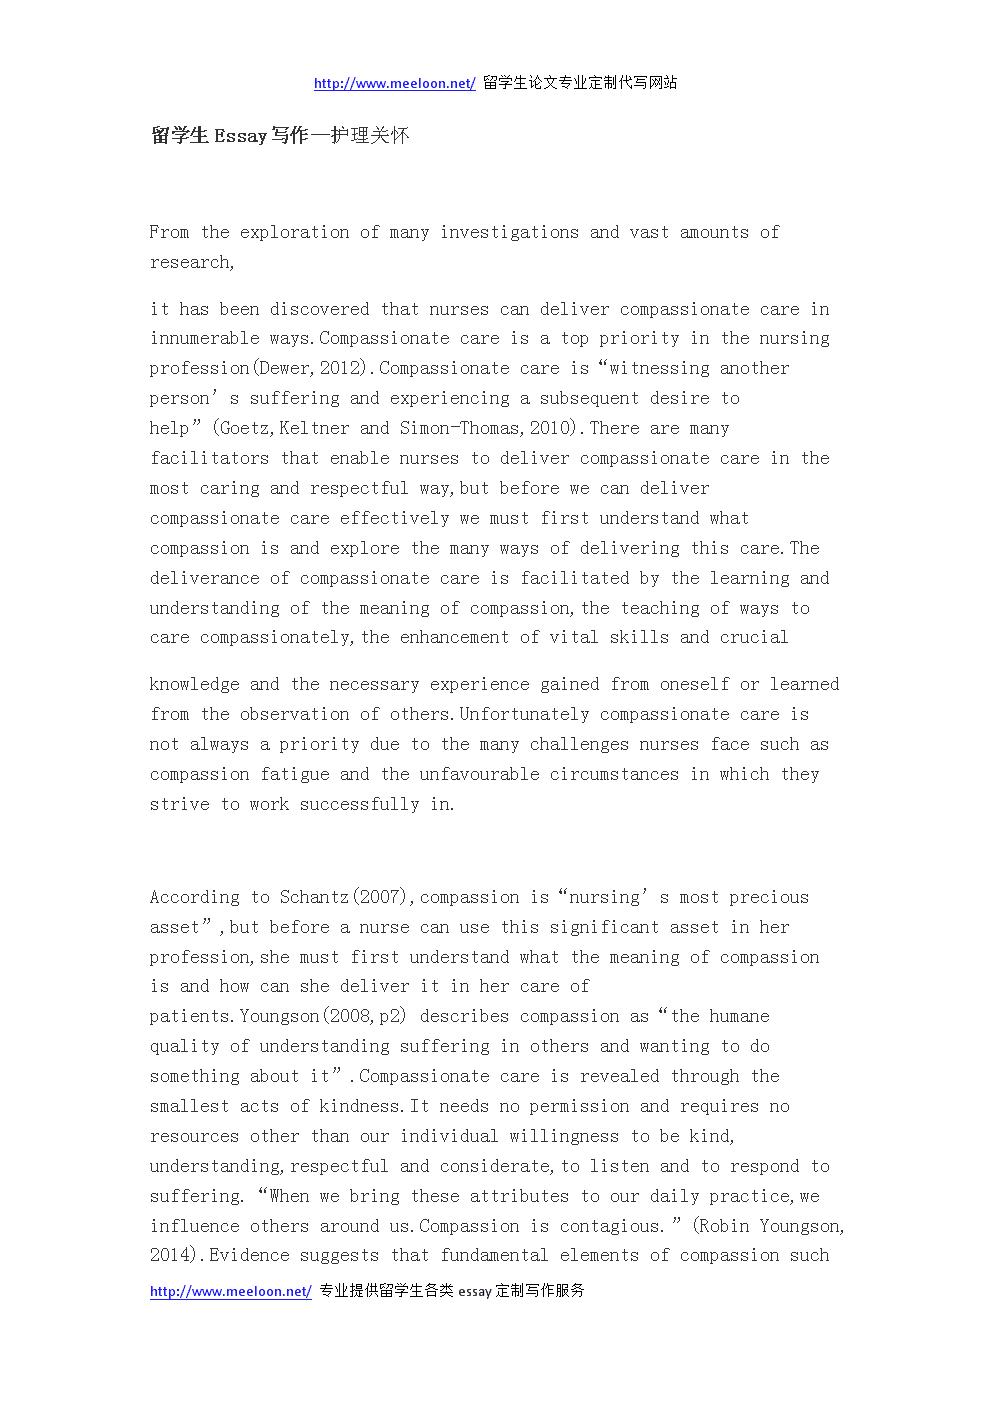 留学生Essay写作—护理关怀.docx